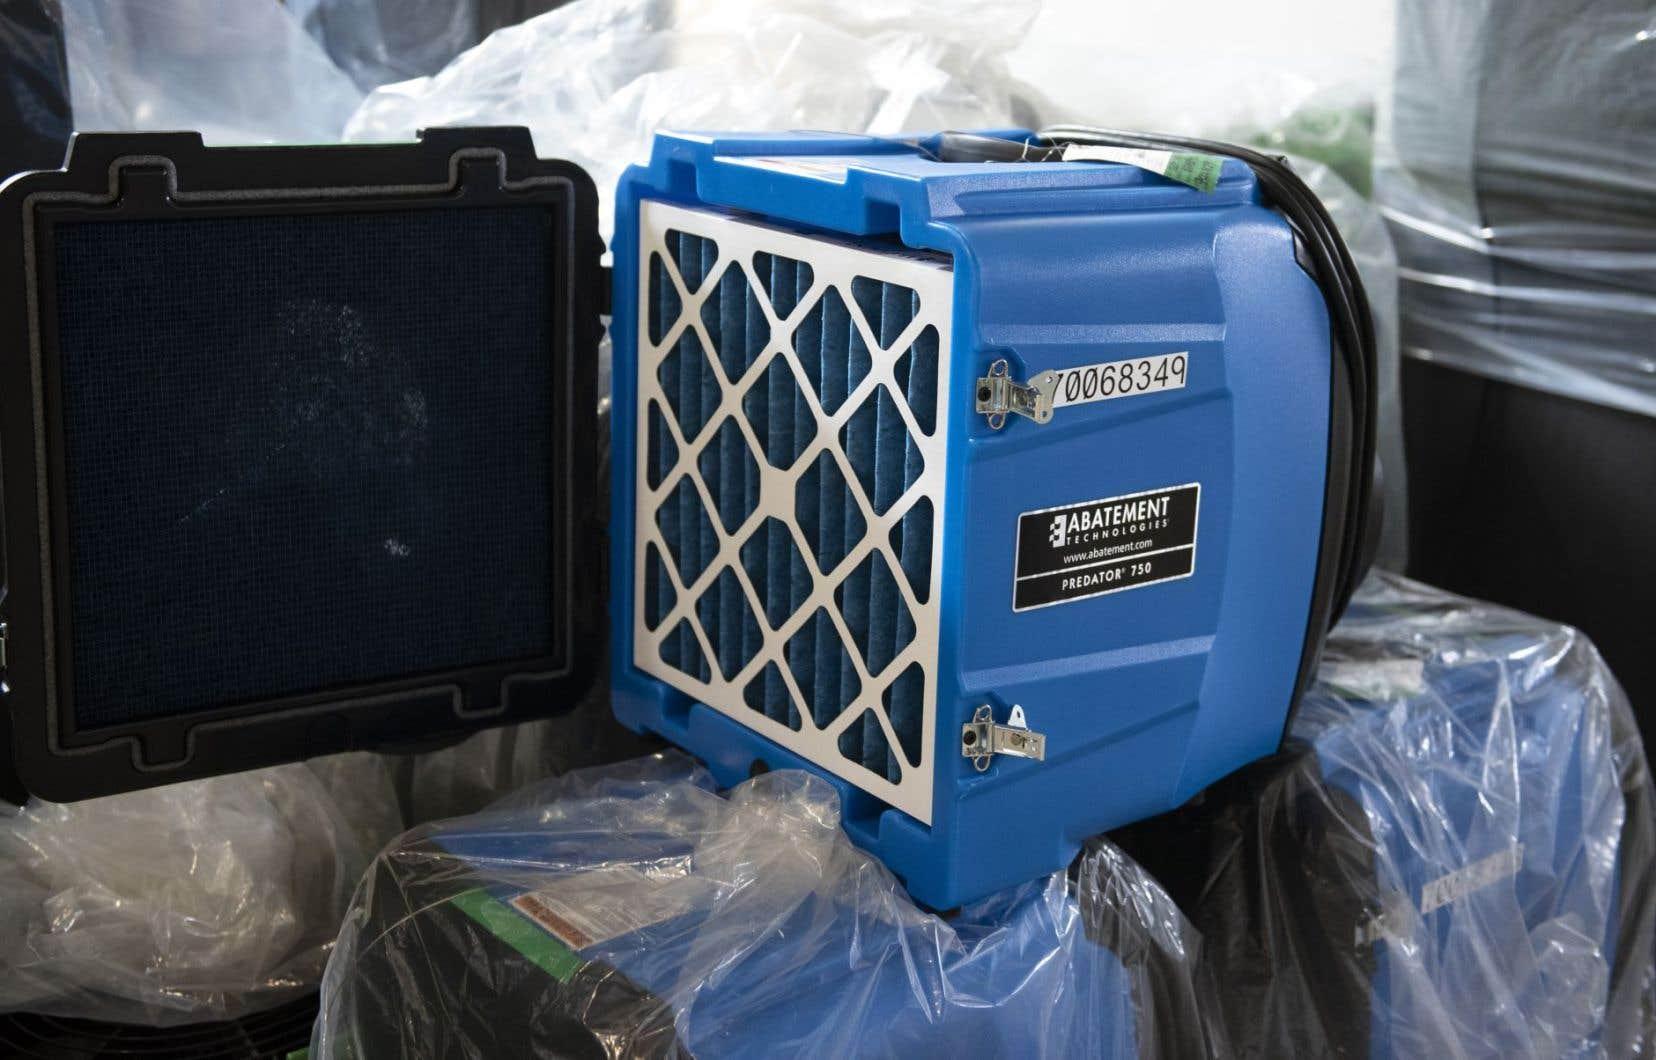 Une première étude effectuée en situation réelle suggère que des purificateurs d'air pourraient s'avérer utiles dans certains milieux hospitaliers.